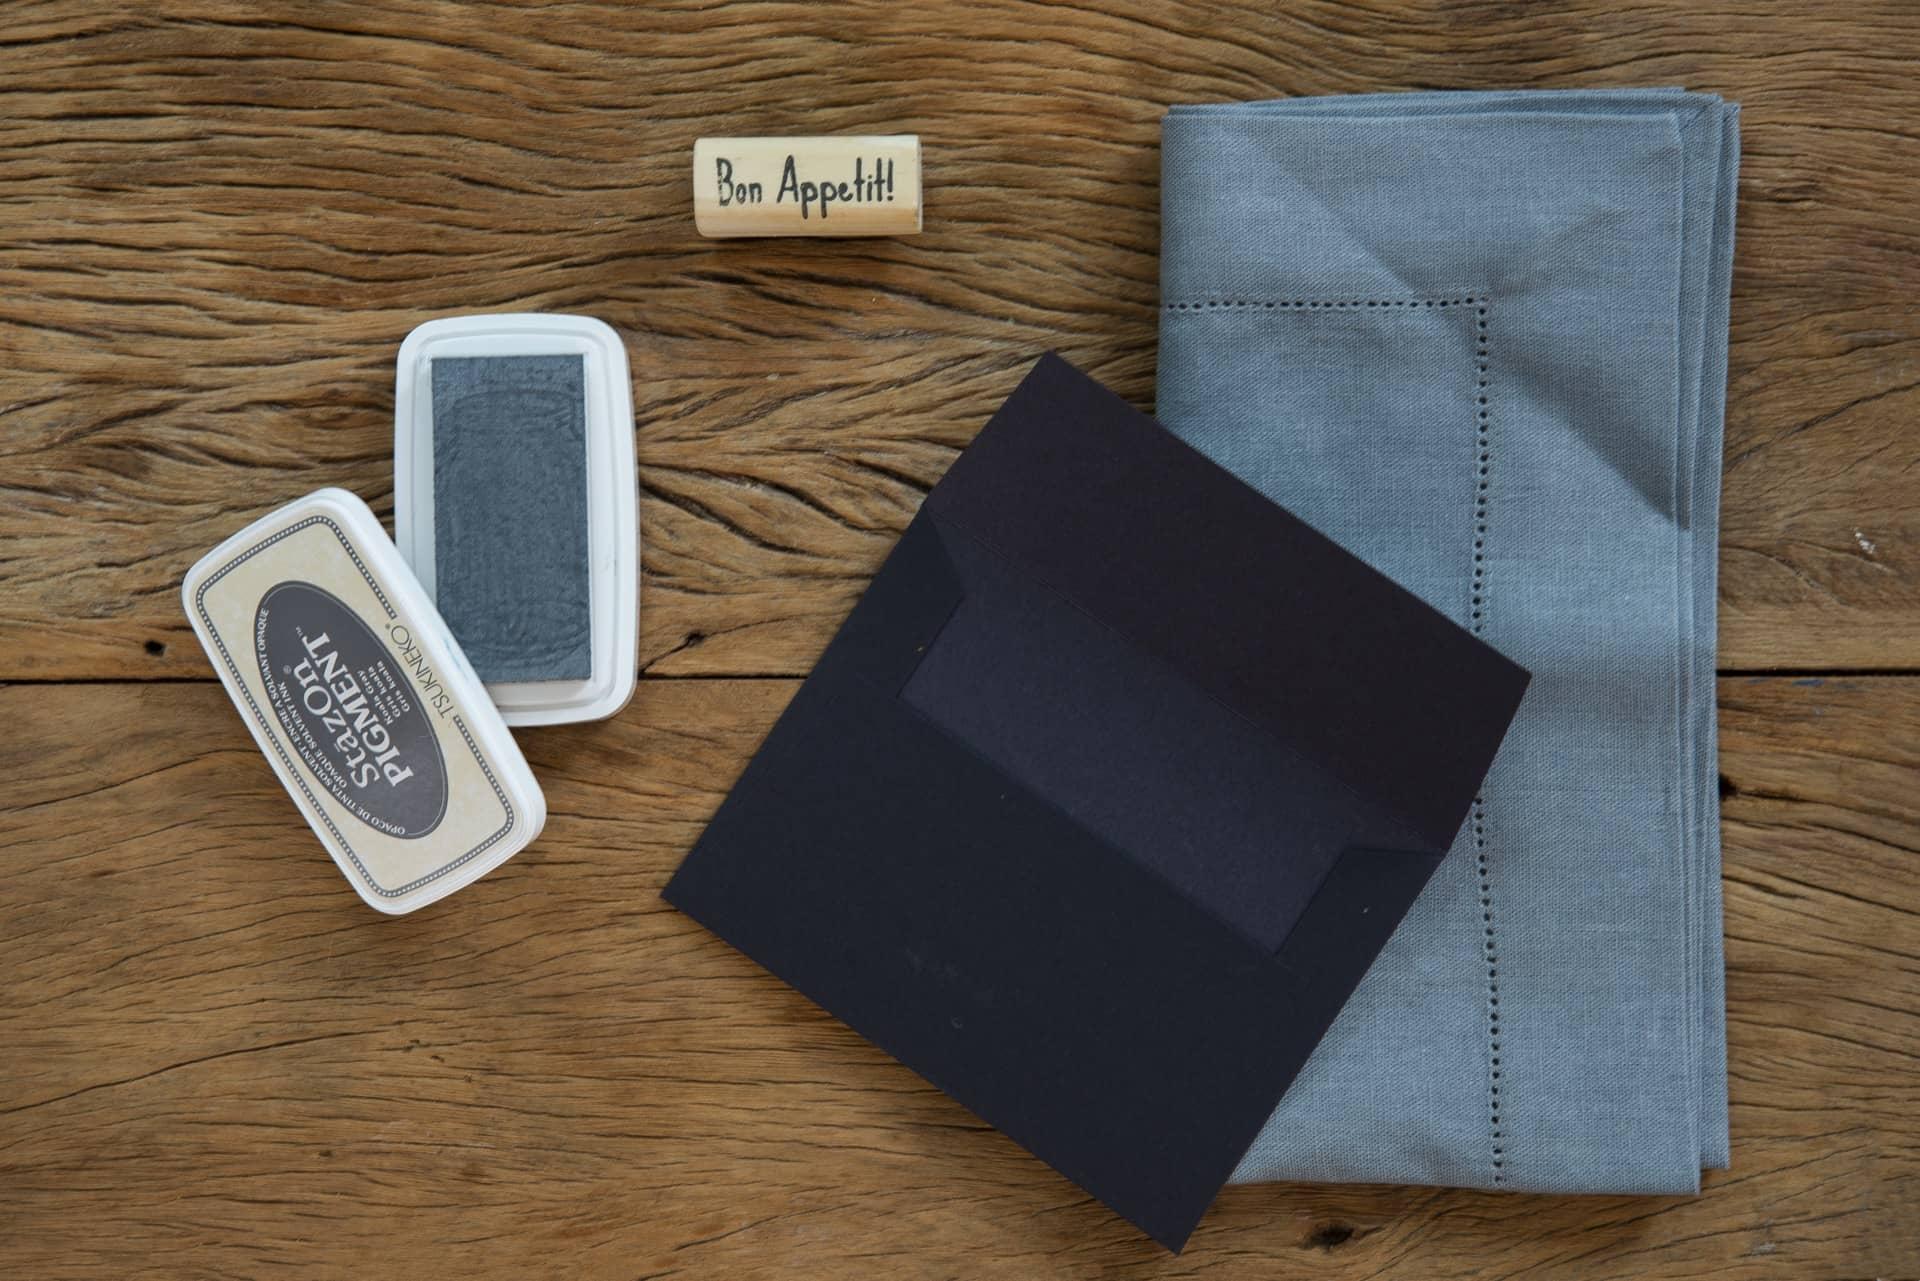 O guardanapo de linho cinza vai ficar elegante dentro do envelope preto. A tinta do carimbo tem o mesmo tom que o tecido. Foto: Cacá Bratike